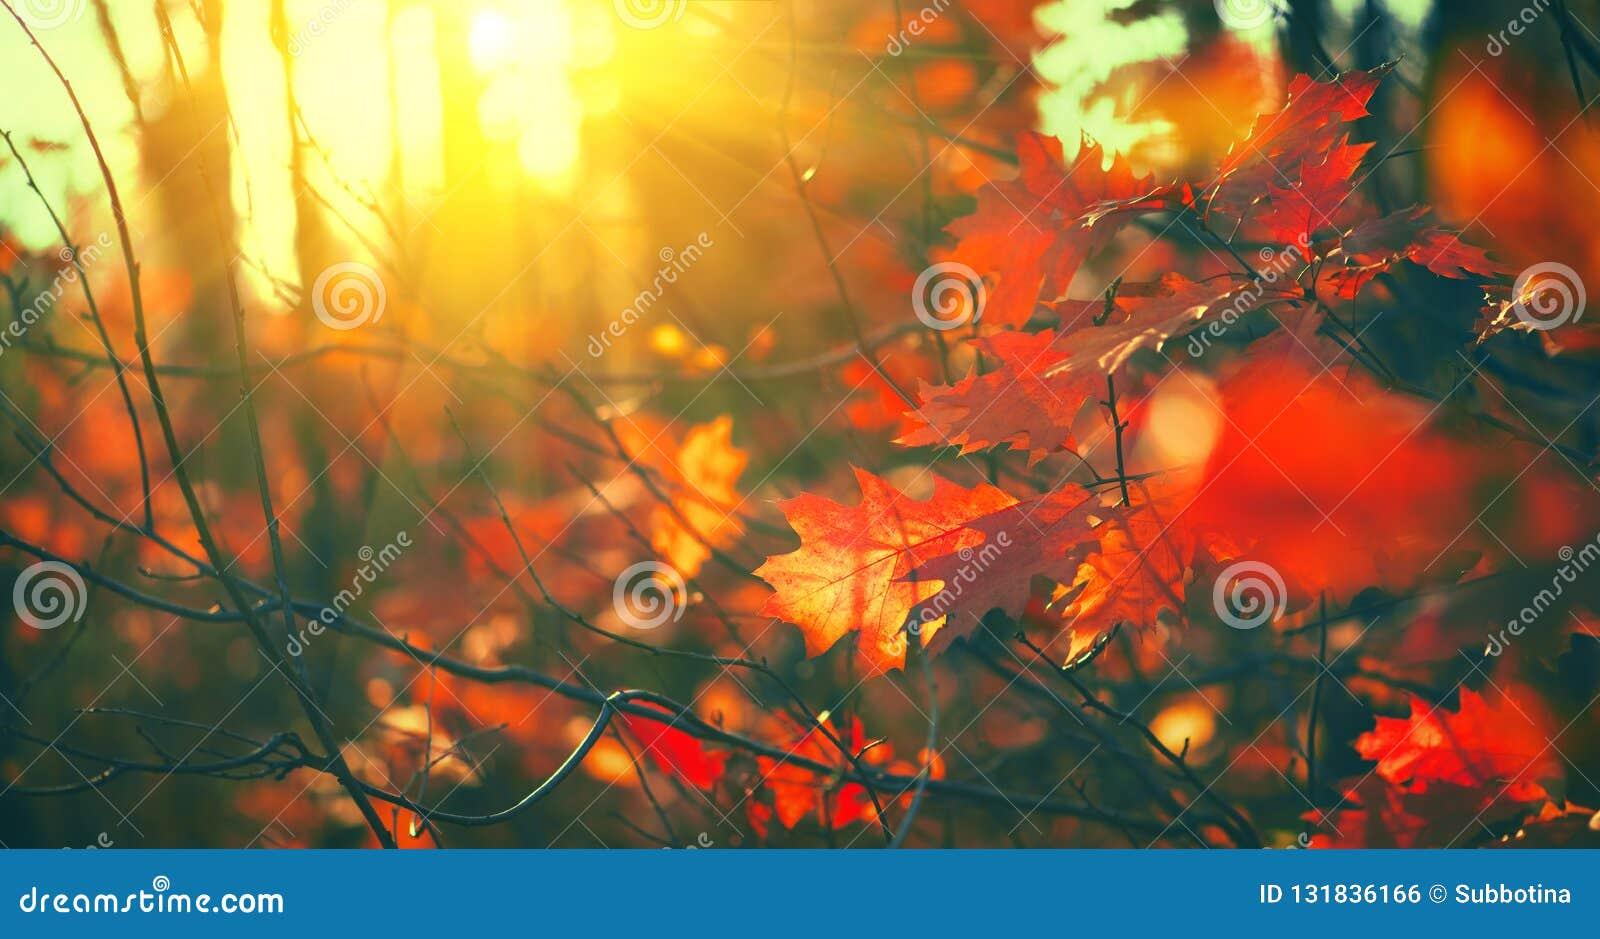 Herbstlaub Hintergrund, Hintergrund Landschaft, Blätter, die in einem Baum im herbstlichen Park schwingen Fall Getrocknete Kräute